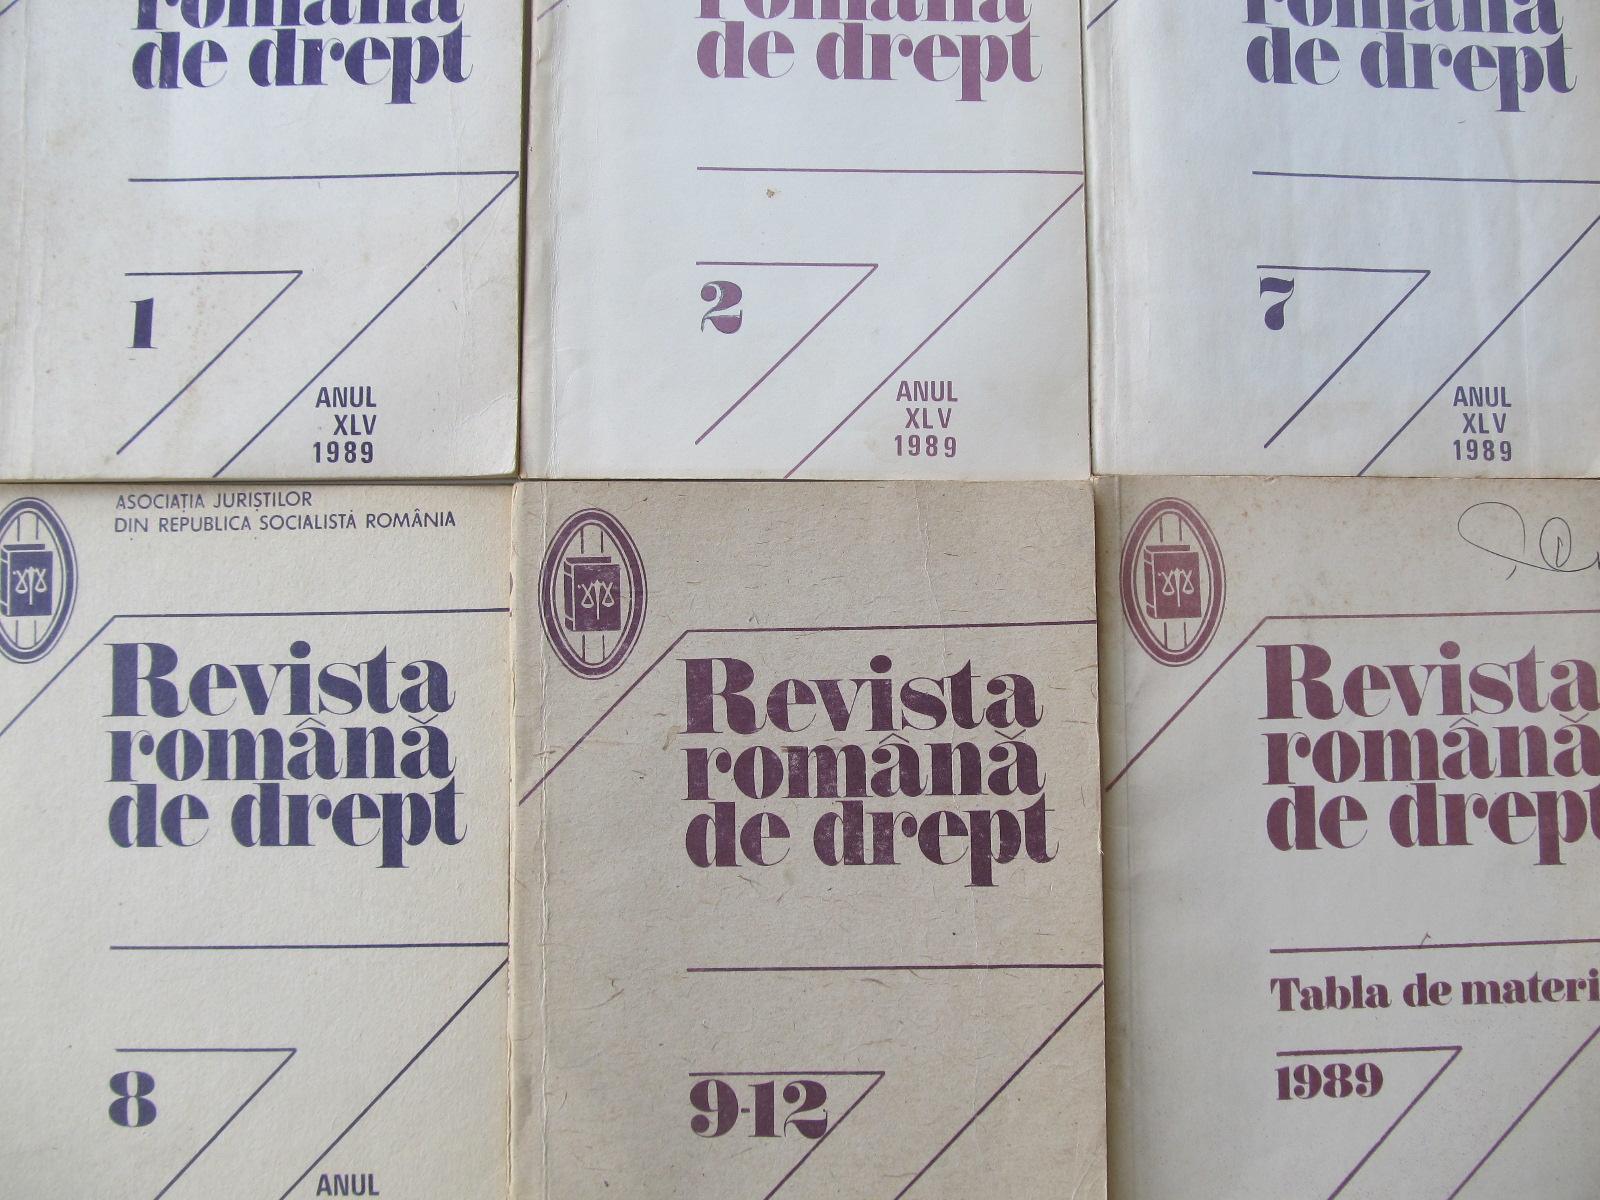 Revista romana de drept Nr. 1 , 2 , 7 , 8 , 9-12 , Tabla de materii / 1989 (6 reviste) - *** | Detalii carte